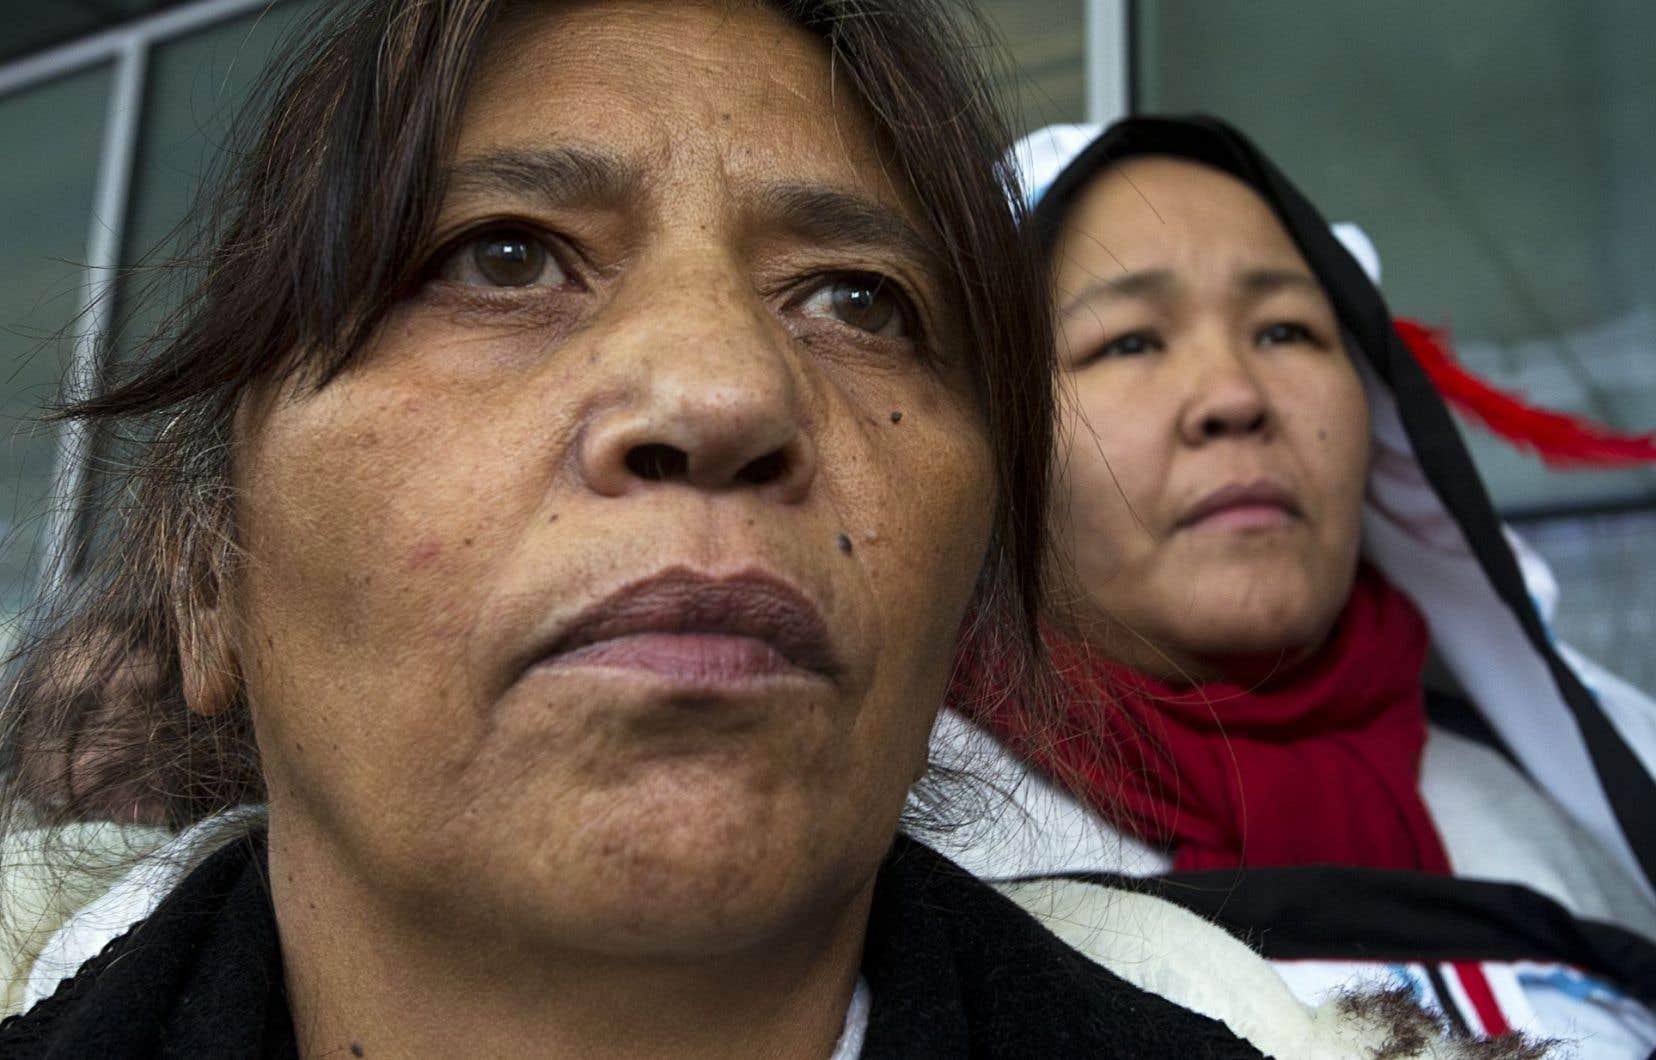 La CIDH recommande qu'Ottawa s'équipe d'un système pour répertorier les statistiques sur les cas de femmes autochtones assassinées ou disparues.